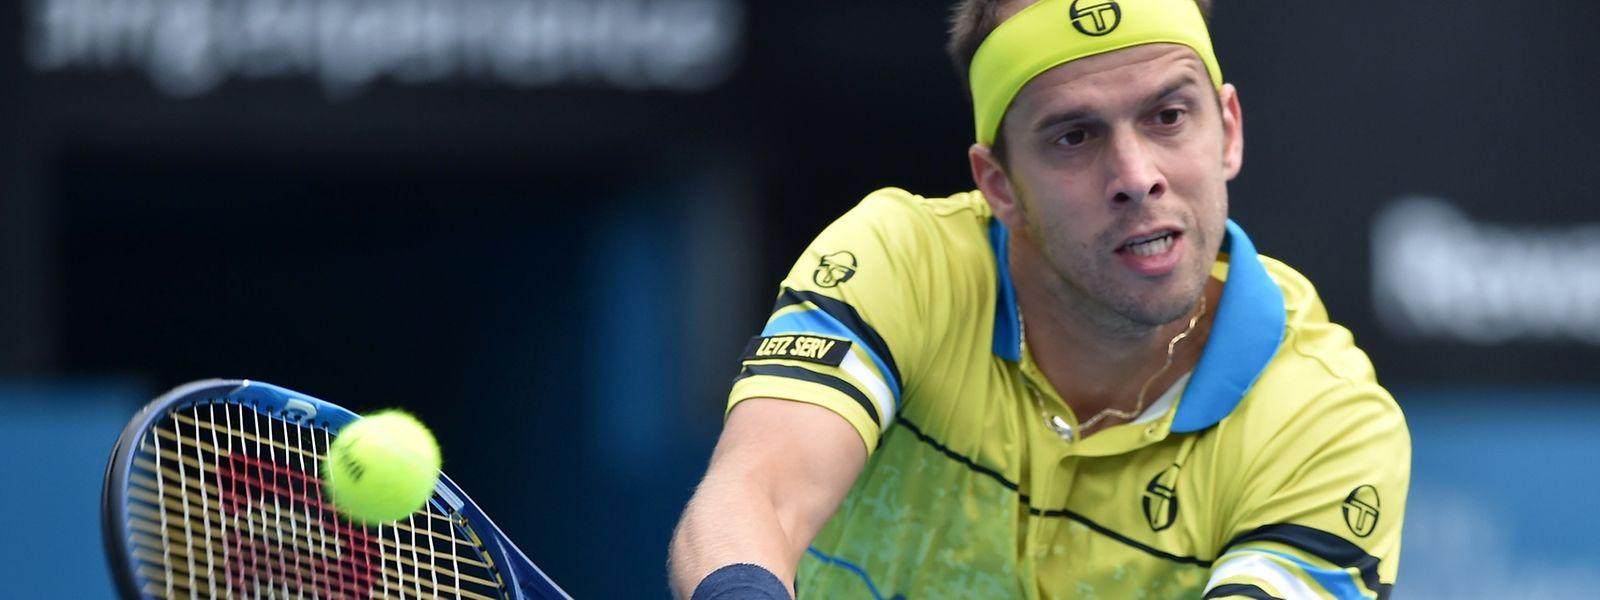 Gilles Muller trifft nun im Viertelfinale auf Guillermo Garcia-Lopez